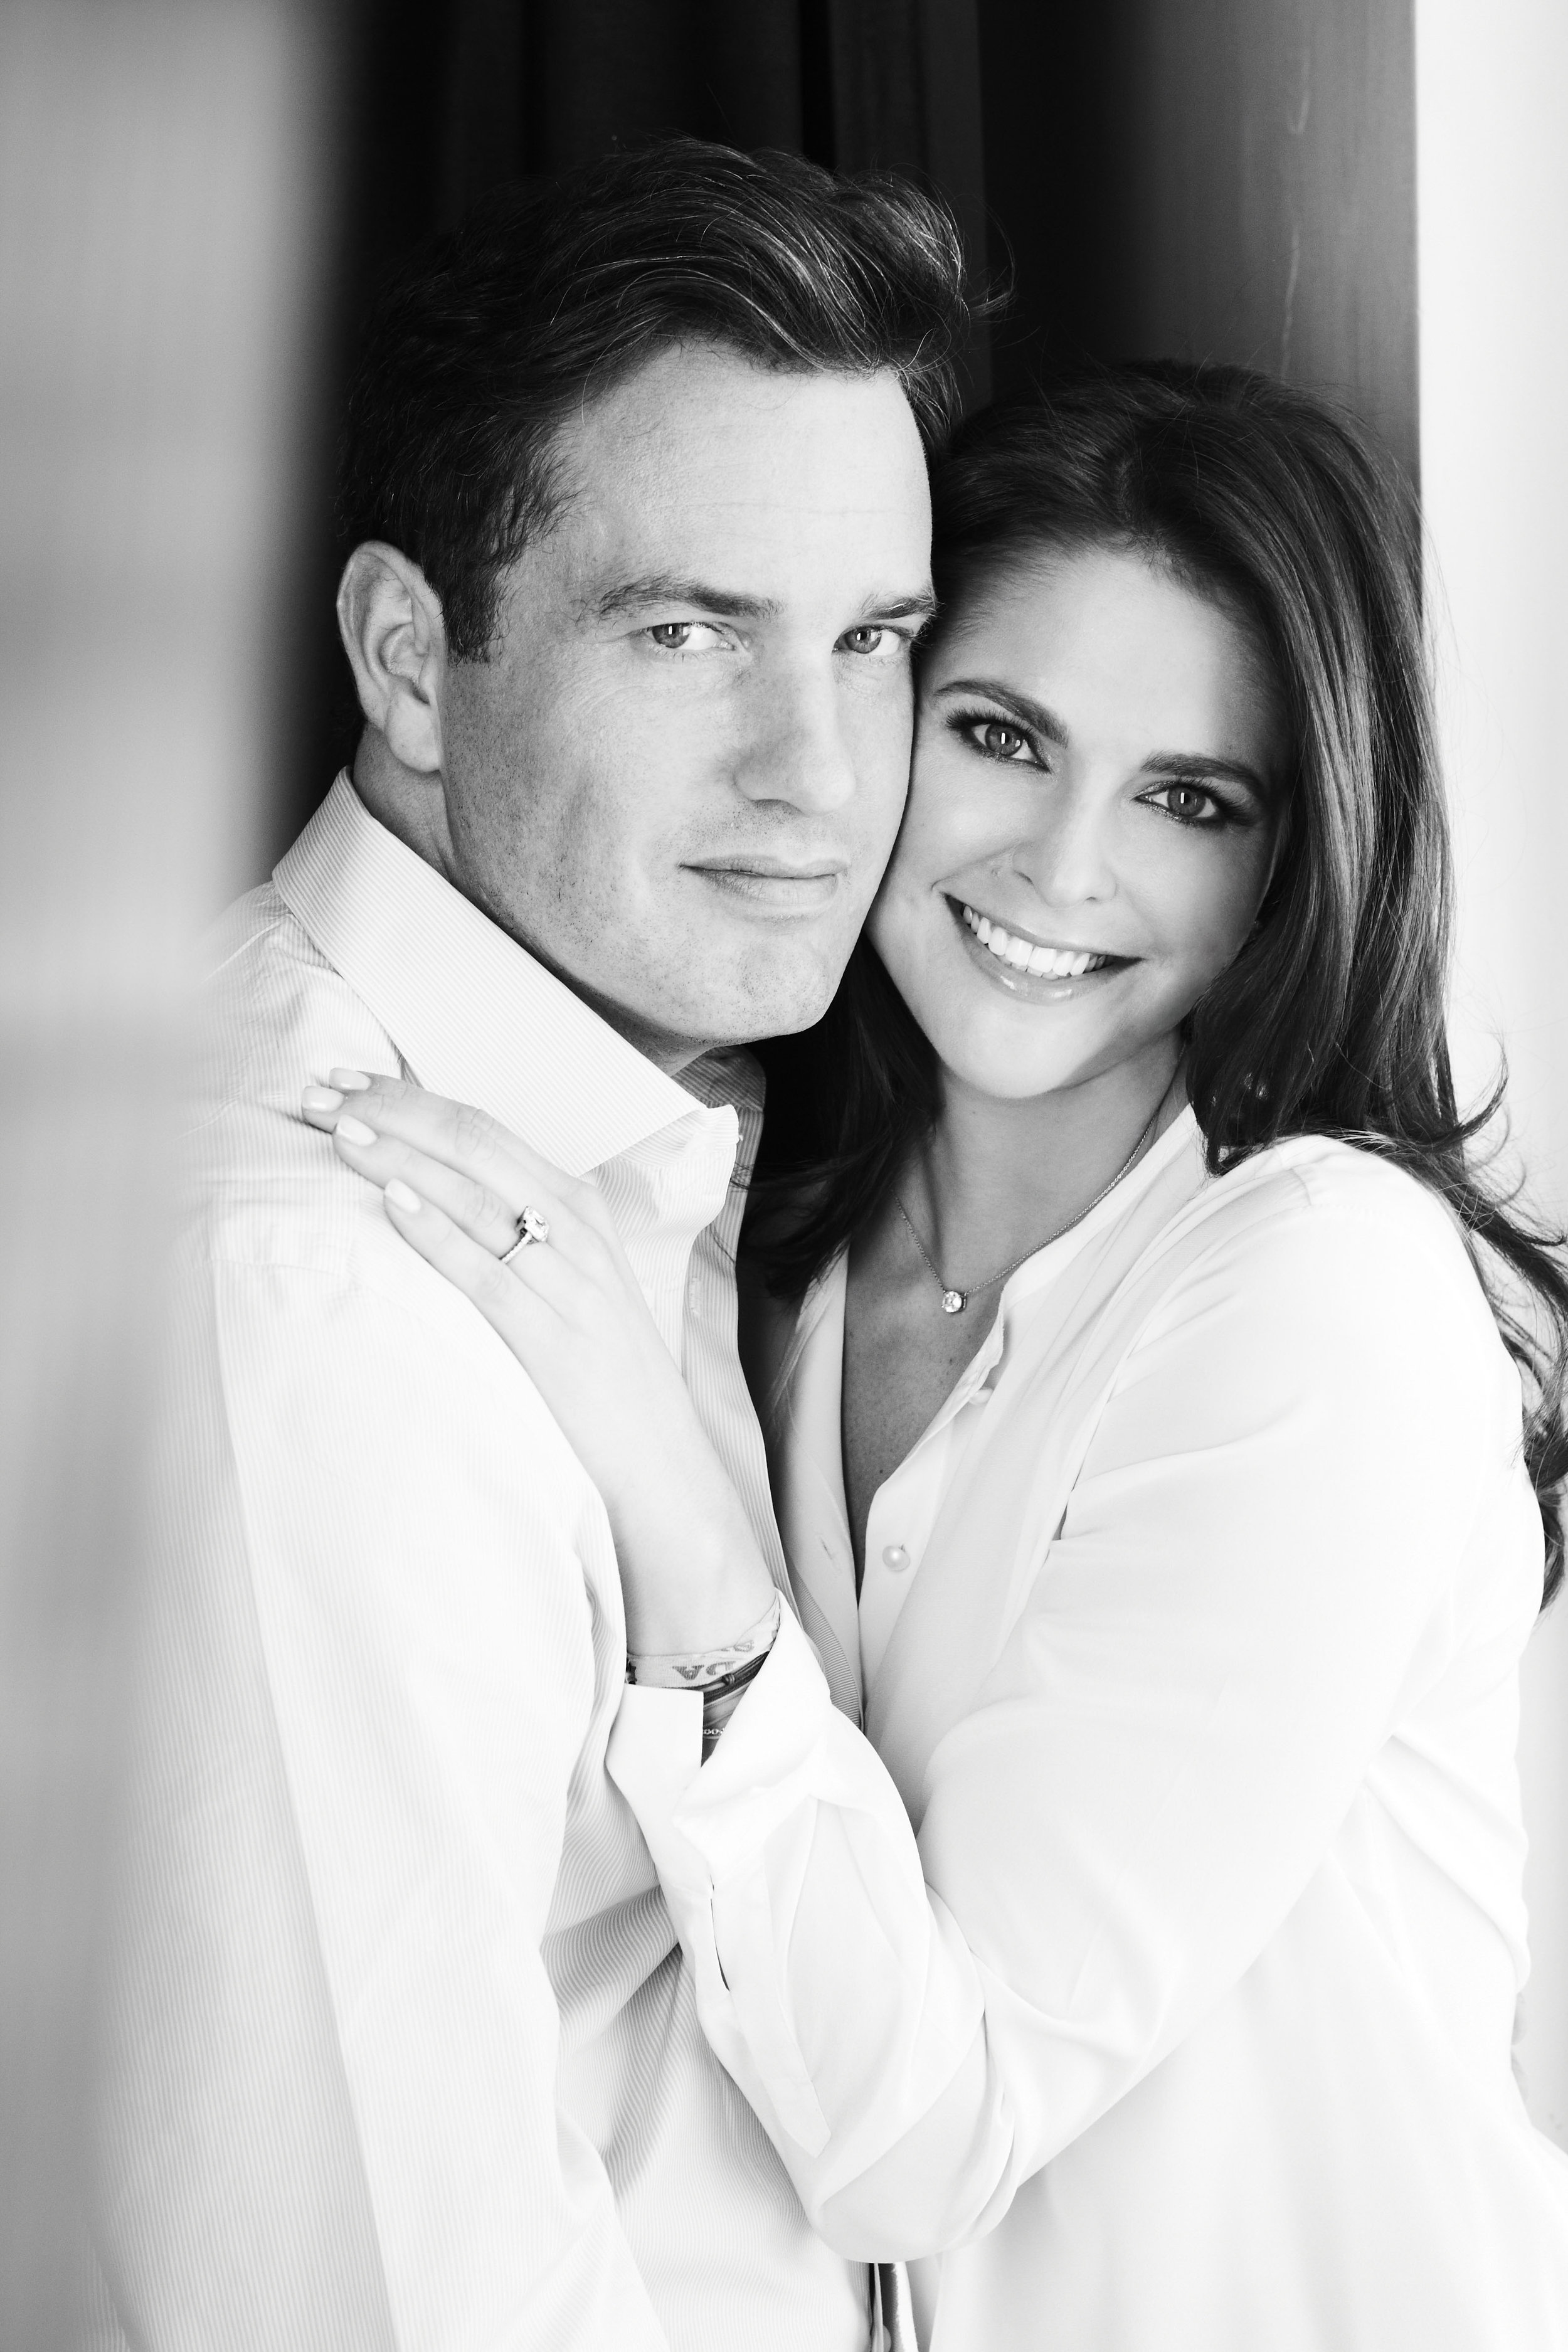 Chris O'Neill und Prinzessin Madeleine posieren für Verlobungsfotos vor der Kamera von Patrick Demarchelier.    Foto:Kungl. Hovstaterna, Patrick Demarchelier